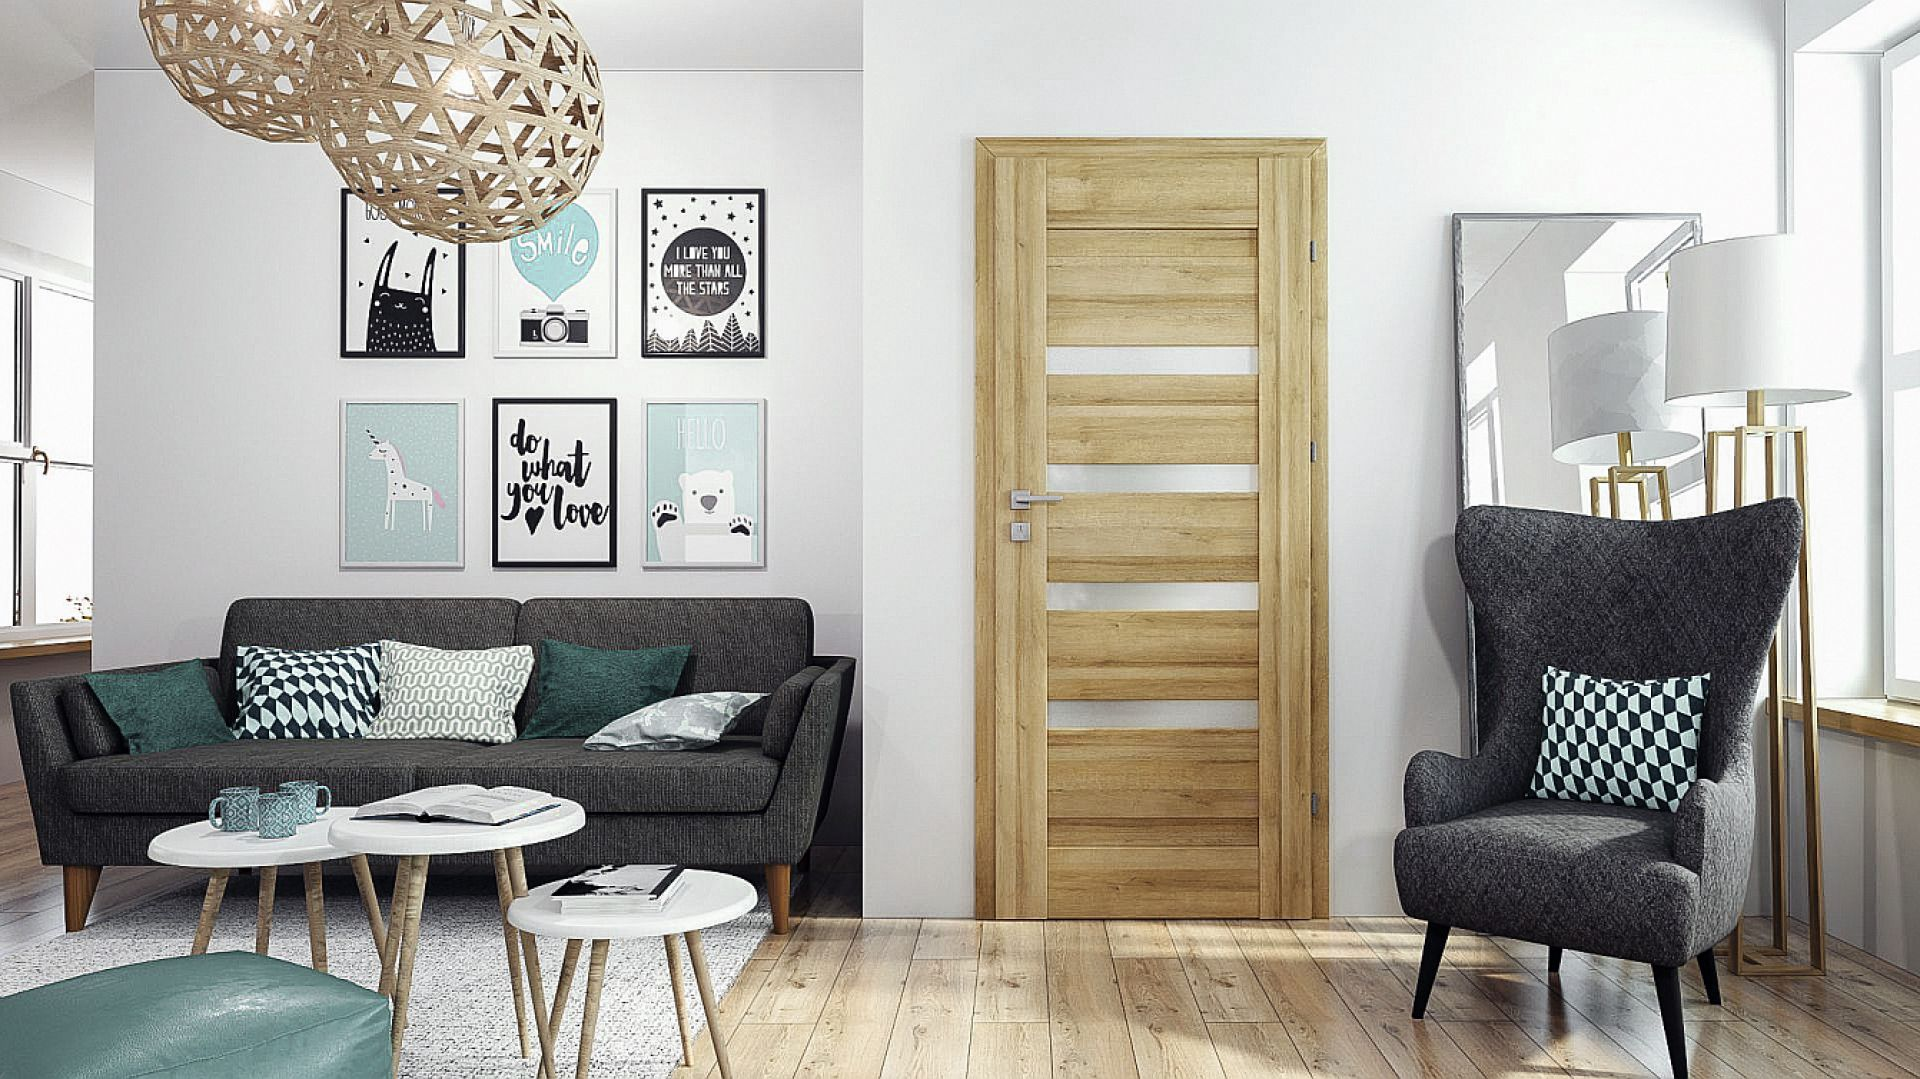 Drzwi Carmen firmy RuckZuck z tradycyjnymi przeszkleniami dedykowane są do wnętrz w klasycznym stylu. Oryginalny dekor w połączeniu z trwałą konstrukcją skrzydła wydobędą z pomieszczenia jego subtelny charakter. Fot. RuckZuck